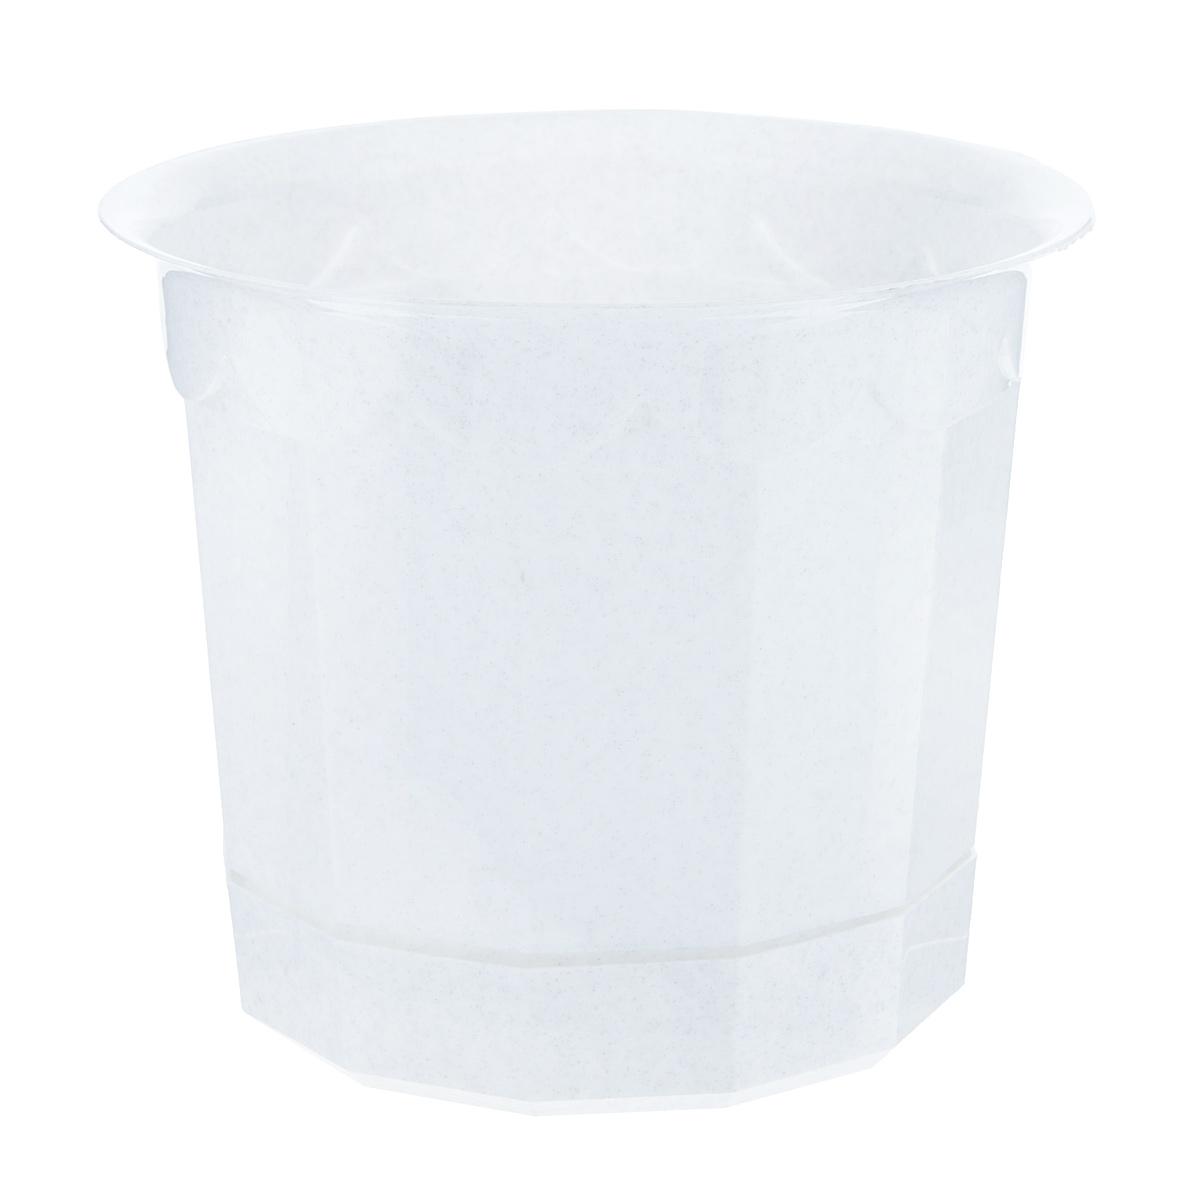 Горшок для цветов Полимербыт, с поддоном, диаметр 20 смС166Горшок для цветов Полимербыт изготовлен из прочного пластика с расцветкой под мрамор. Снабжен поддоном для стока воды. Изделие прекрасно подходит для выращивания растений и цветов в домашних условиях.